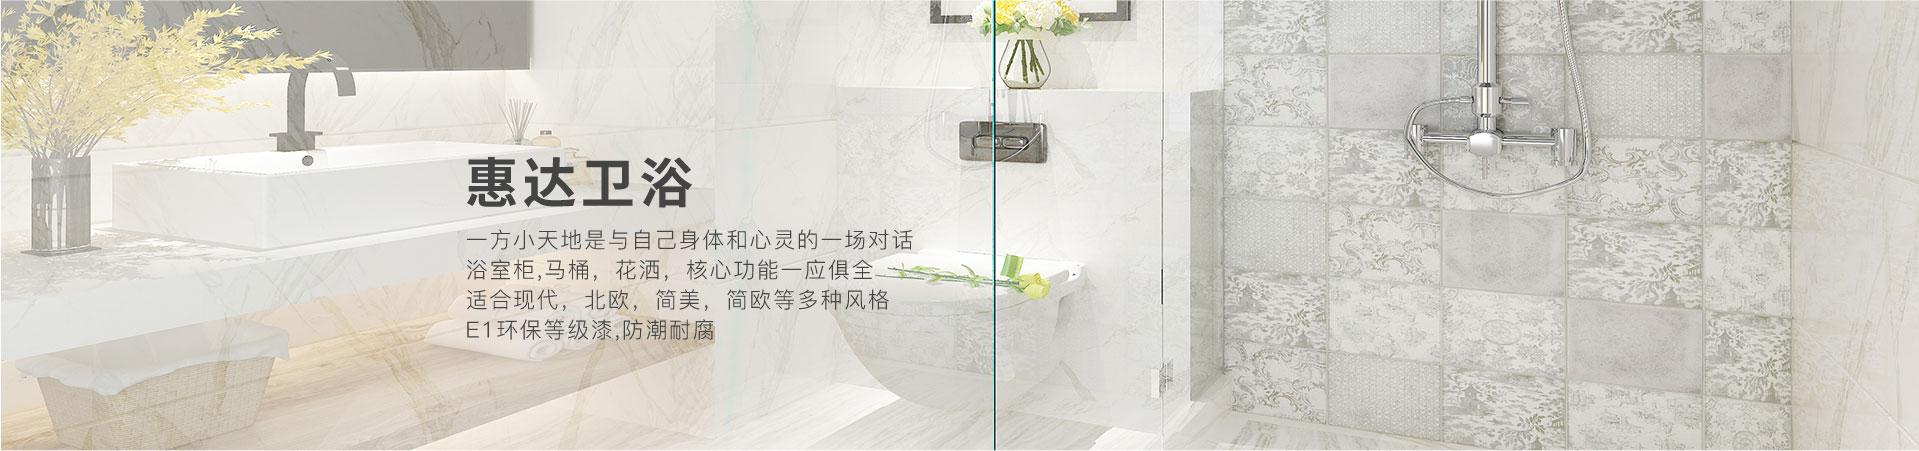 材料 卫浴